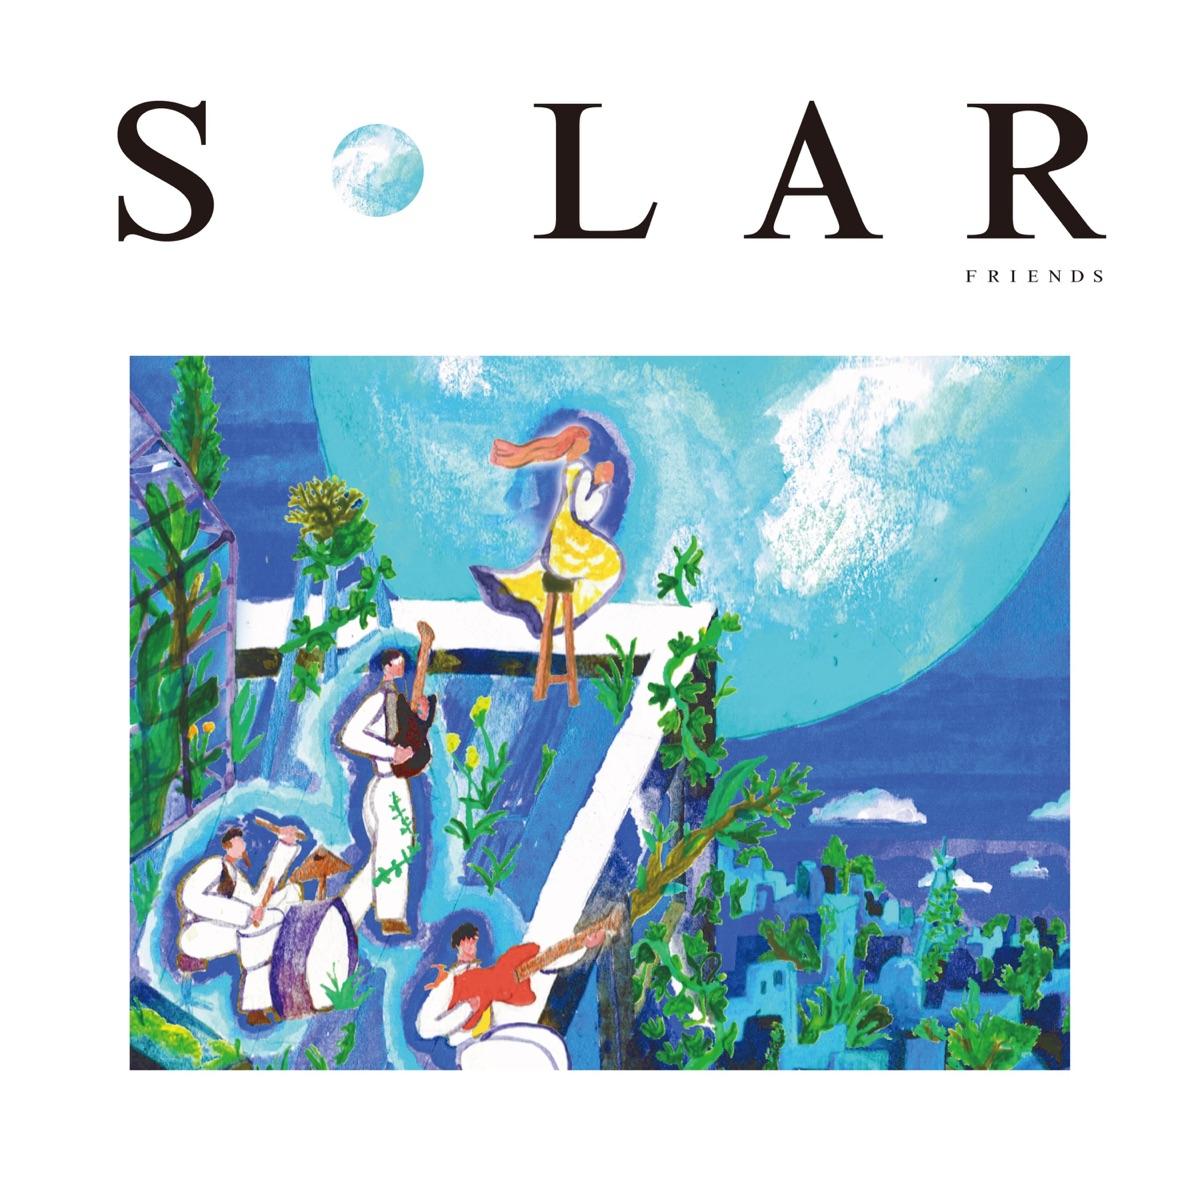 『フレンズ - 東京今夜』収録の『SOLAR』ジャケット